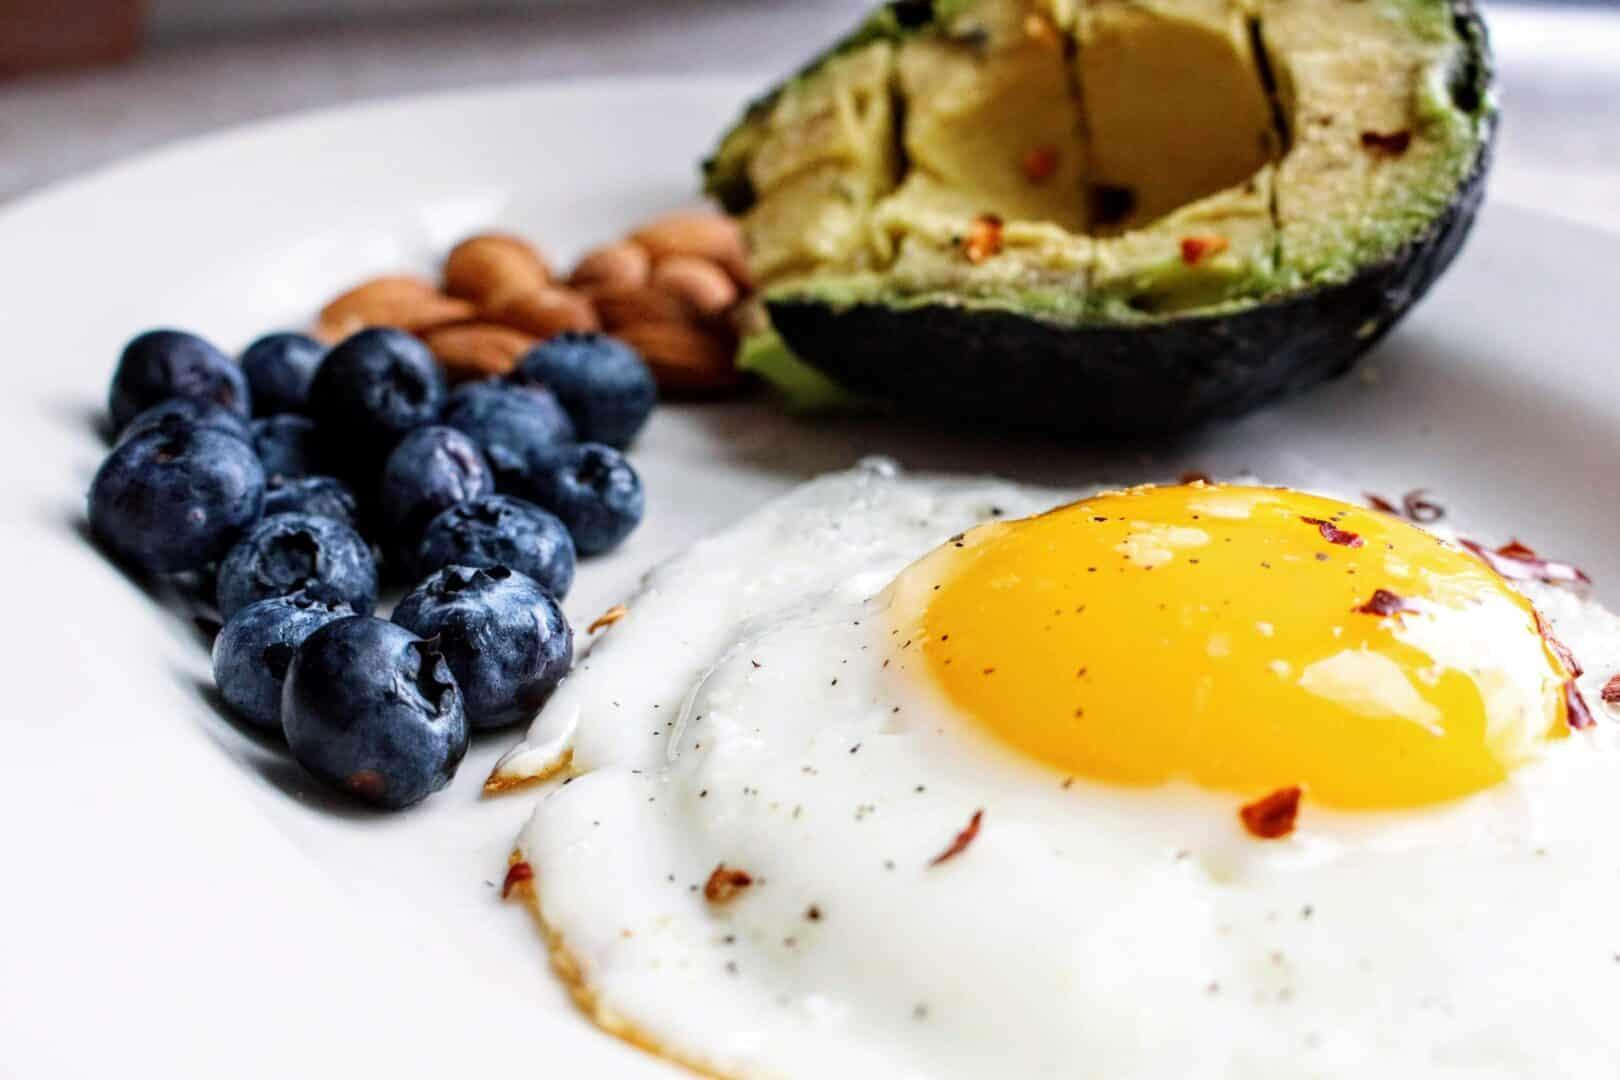 Eiweißreiche und ausgewogene Ernährung